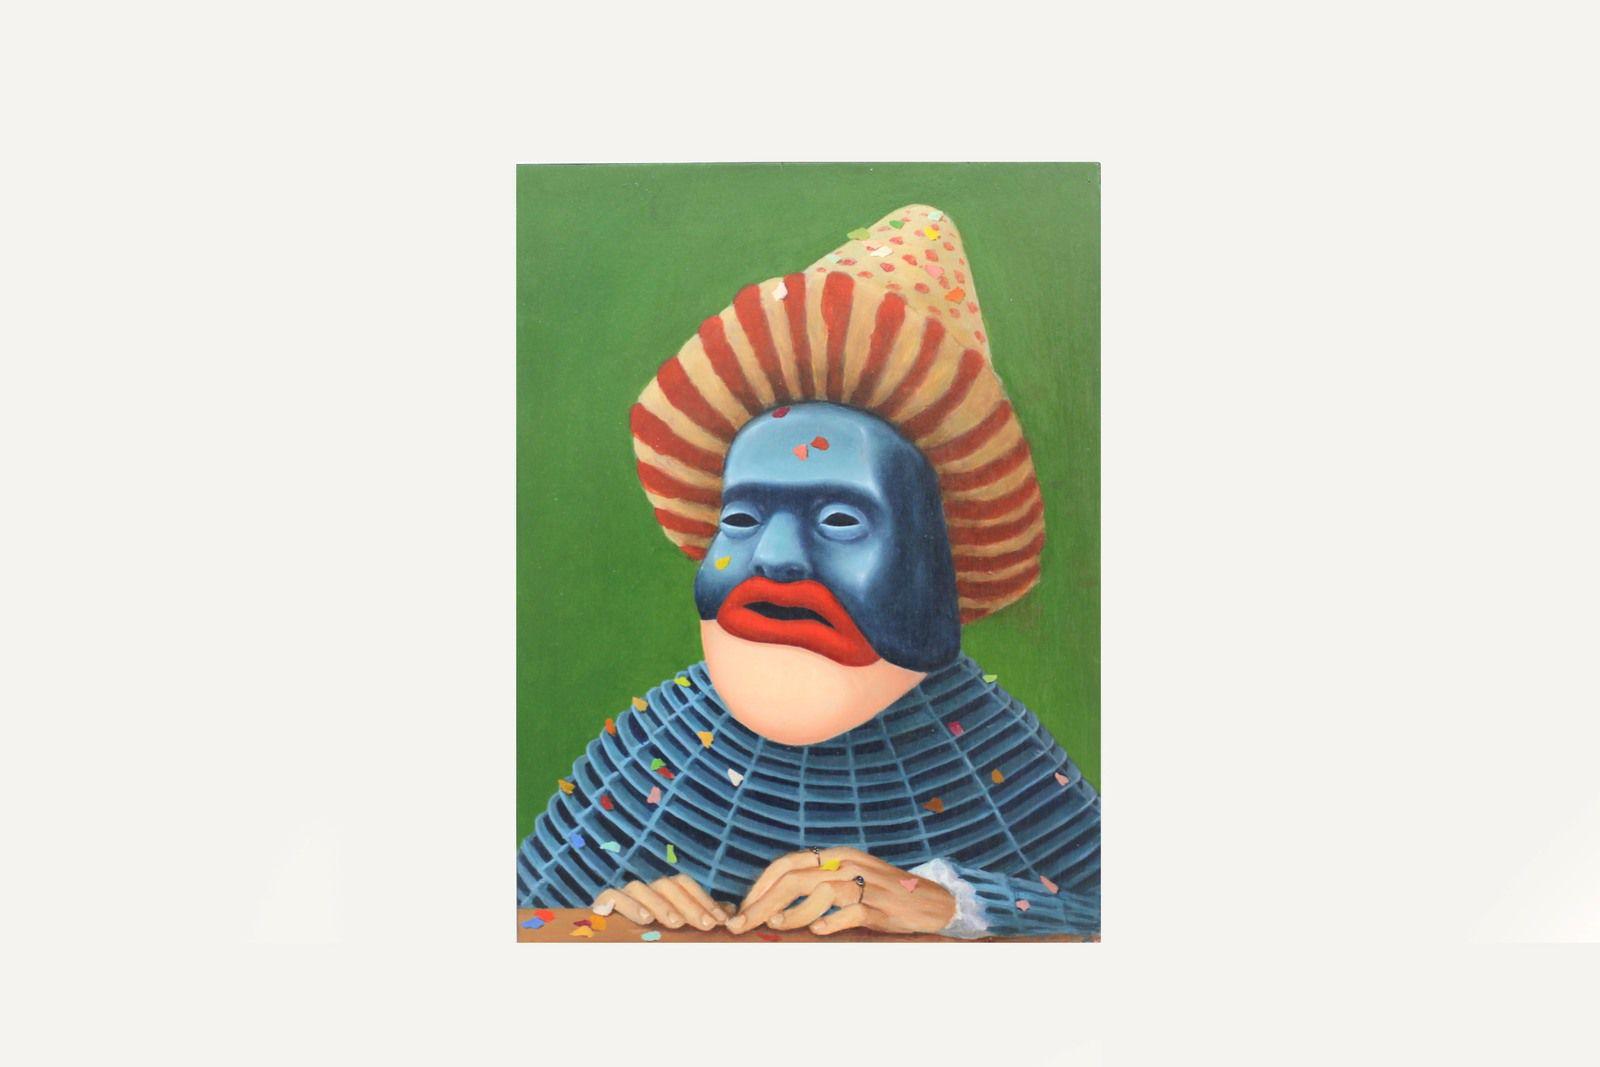 """""""L'homme au masque de fer, série Carnavals"""", 2019 de Antoine ROEGIERS - Courtesy de l'artiste et de la Galerie Suzanne TARASIEVE © Photo Éric Simon"""